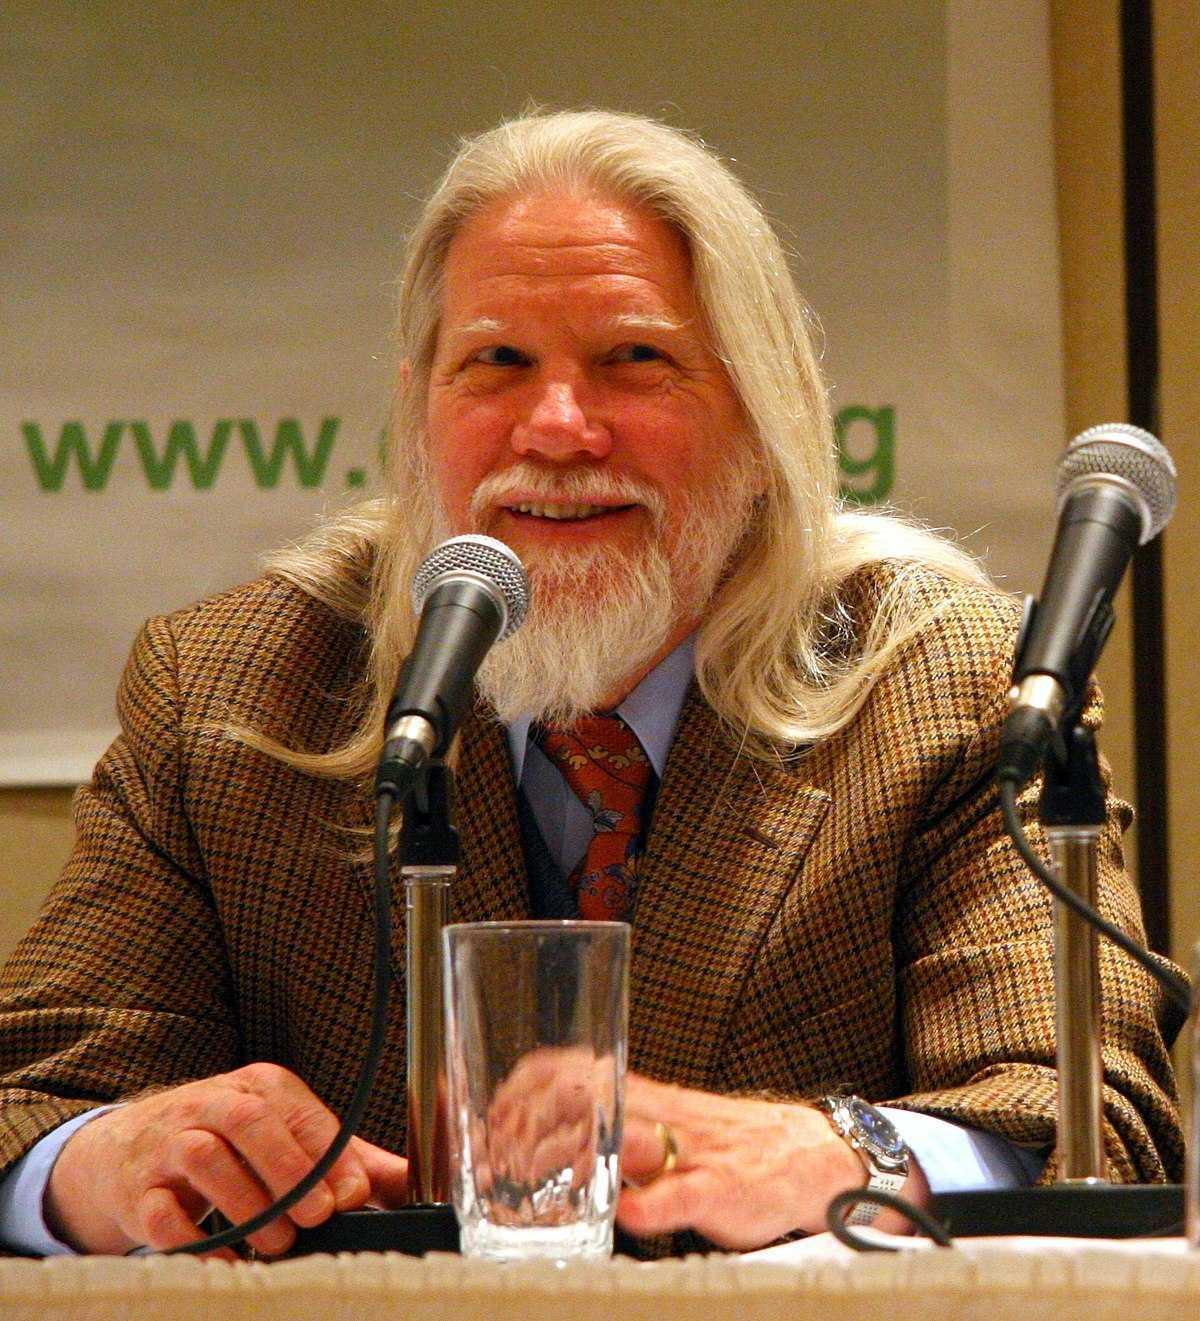 Bailey Whitfield 'Whit' Diffie là một nhà mật mã học người Mỹ và là một trong những người tiên phong của mật mã khóa công khai.